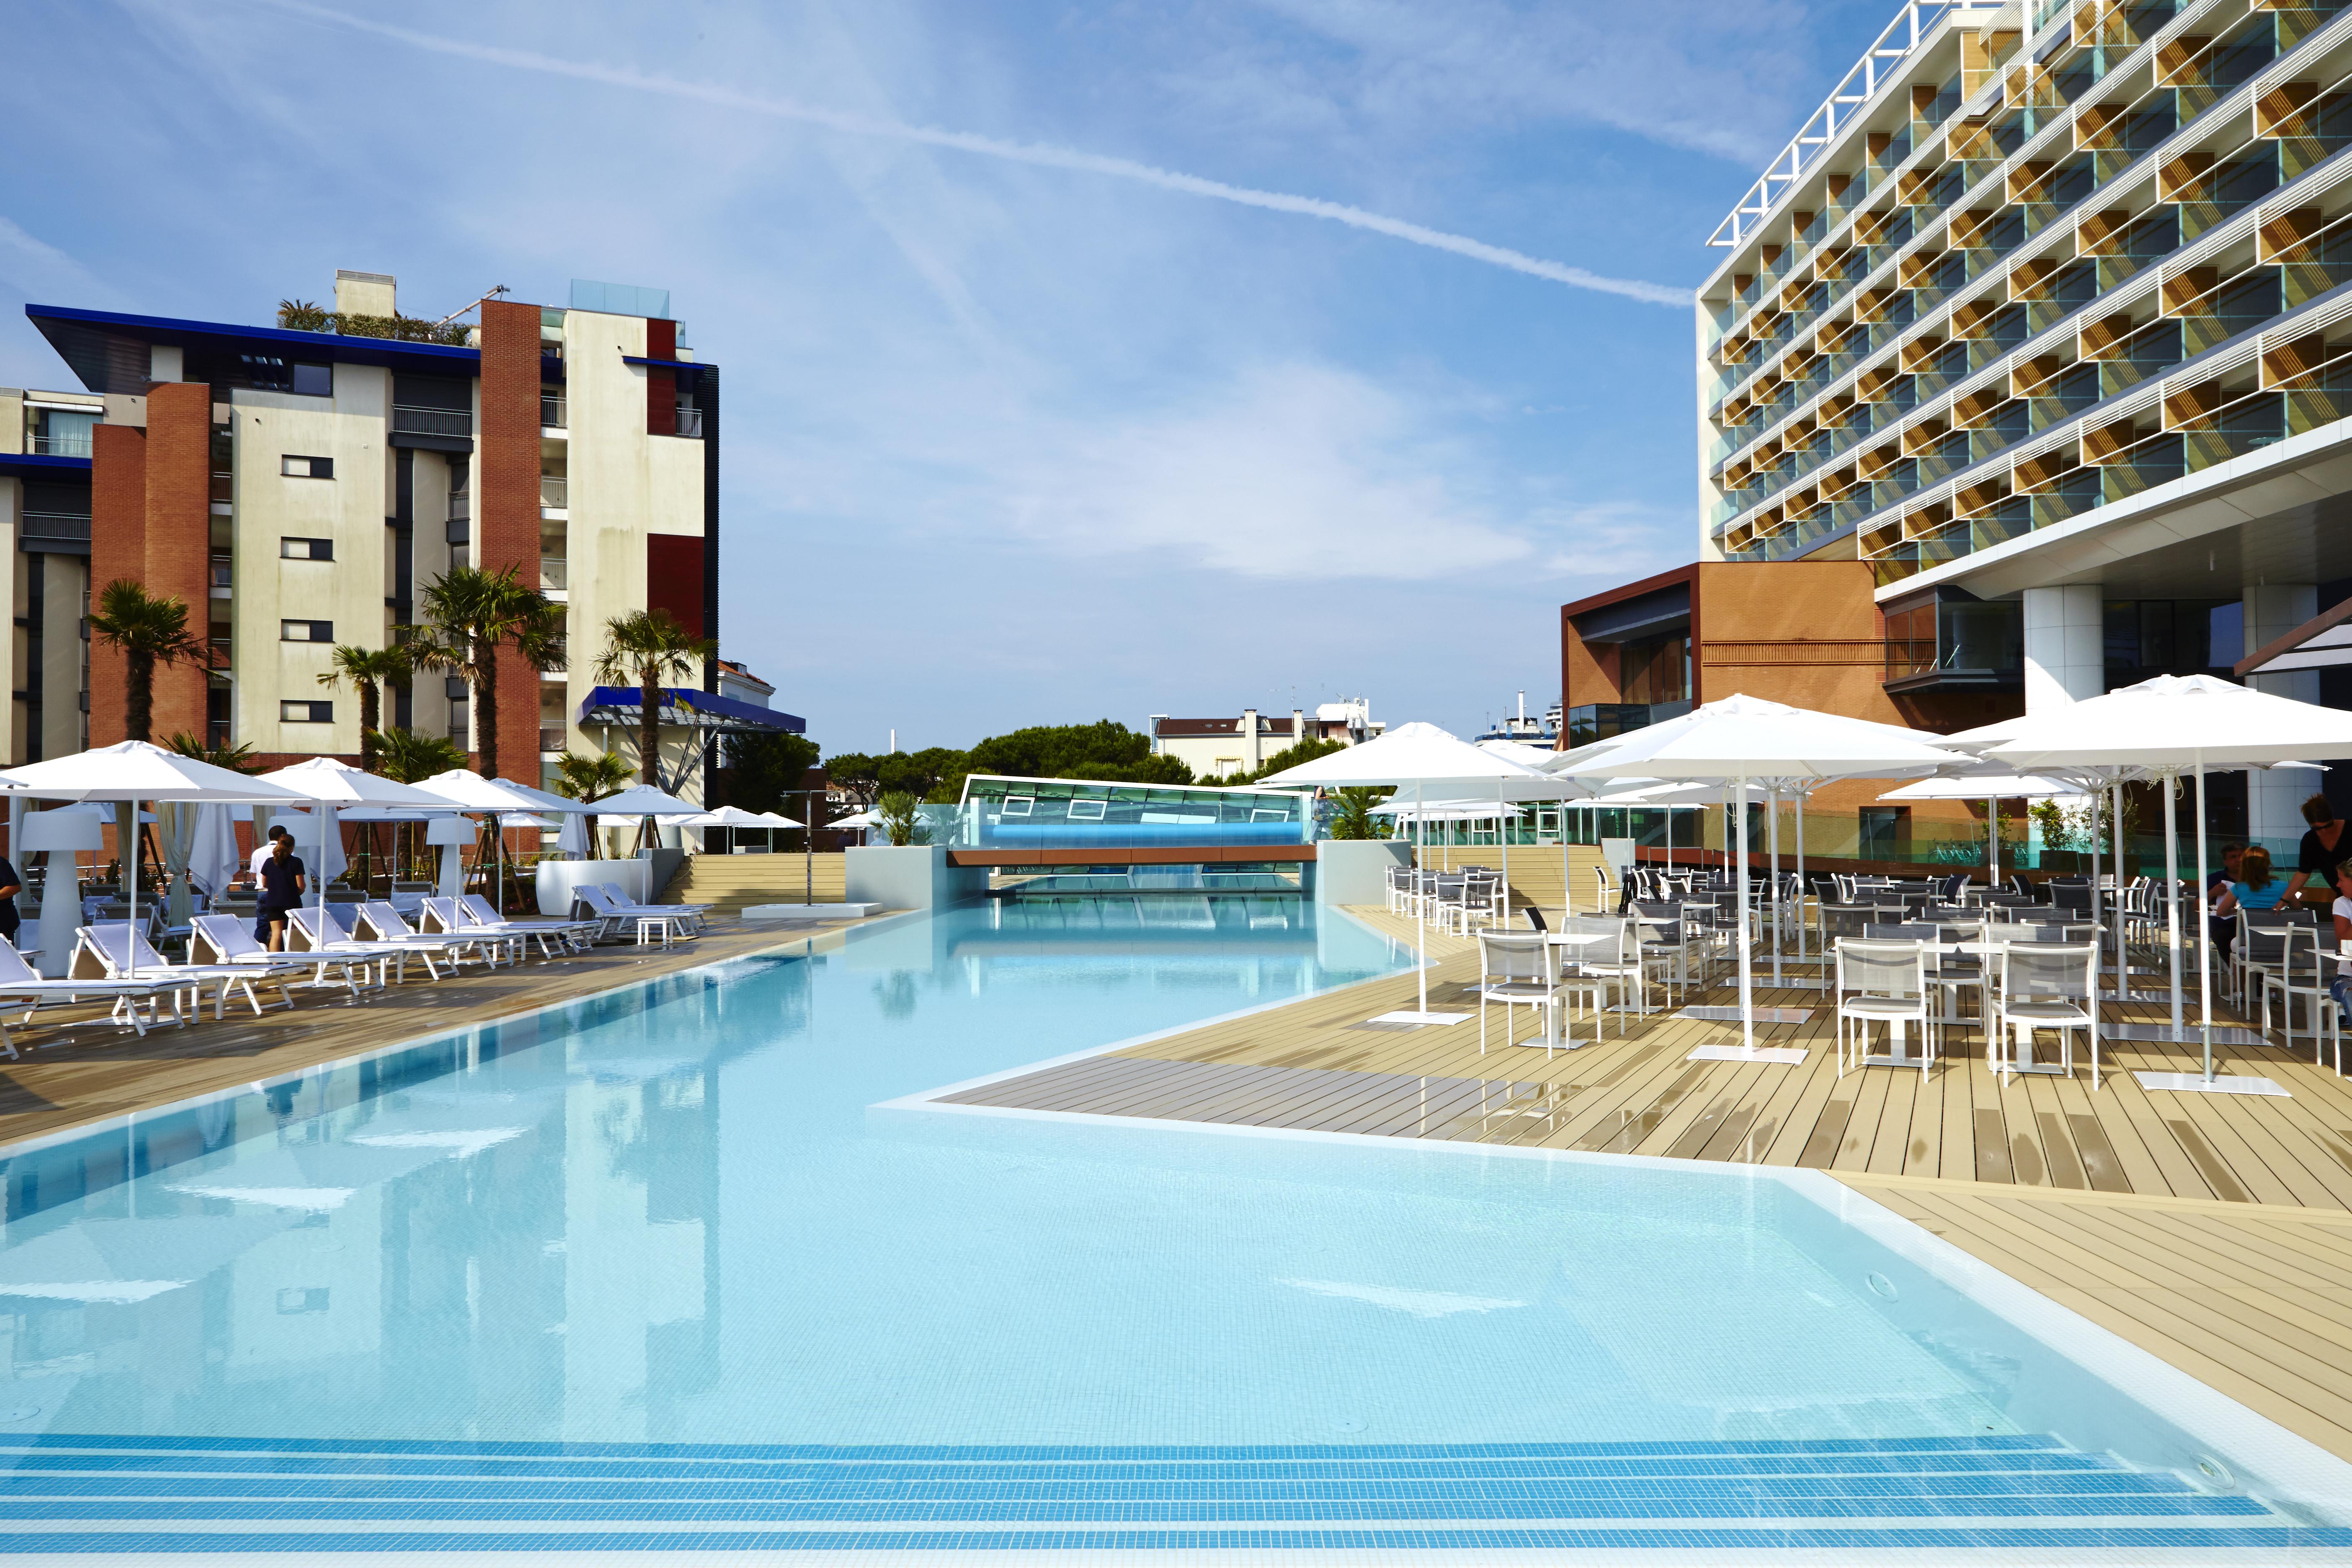 L'area piscina dell'hotel Spa Alma Jesolo Resort